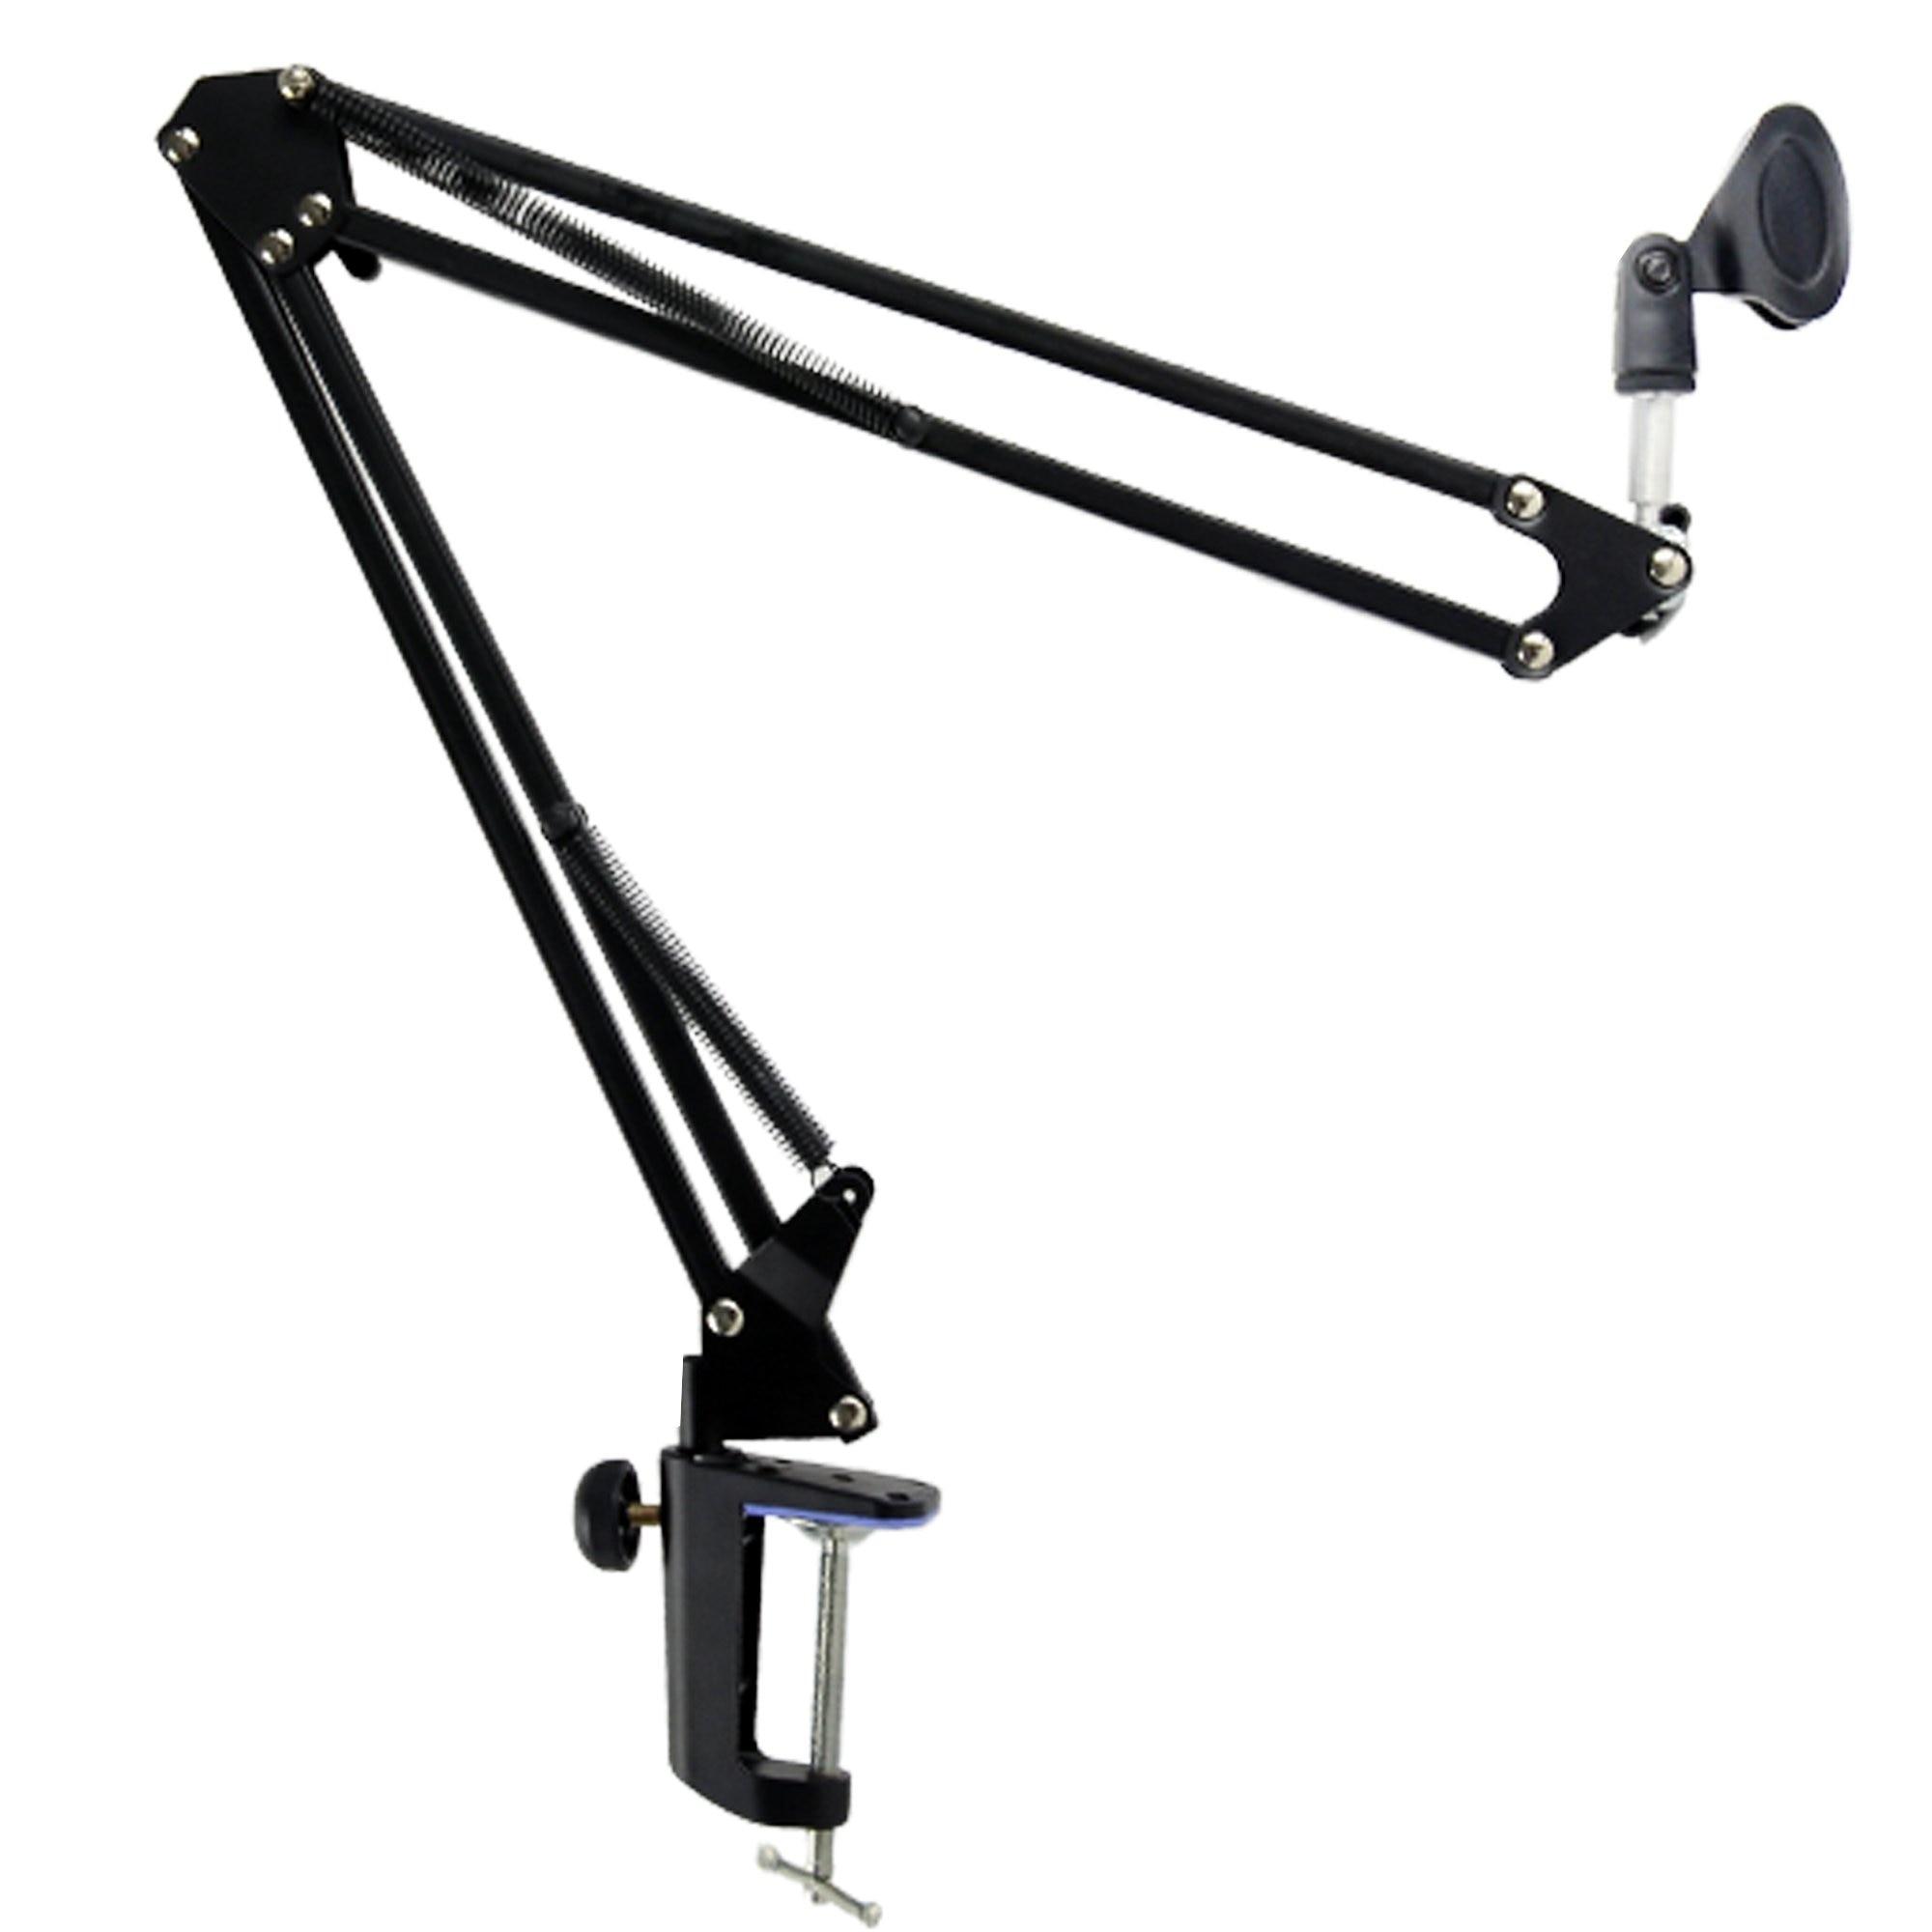 Erweiterbar Aufnahme Mikrofon Halter Suspension Boom Scissor Arm Ständer Halter mit Mikrofon Clip Tisch Montage Clamp